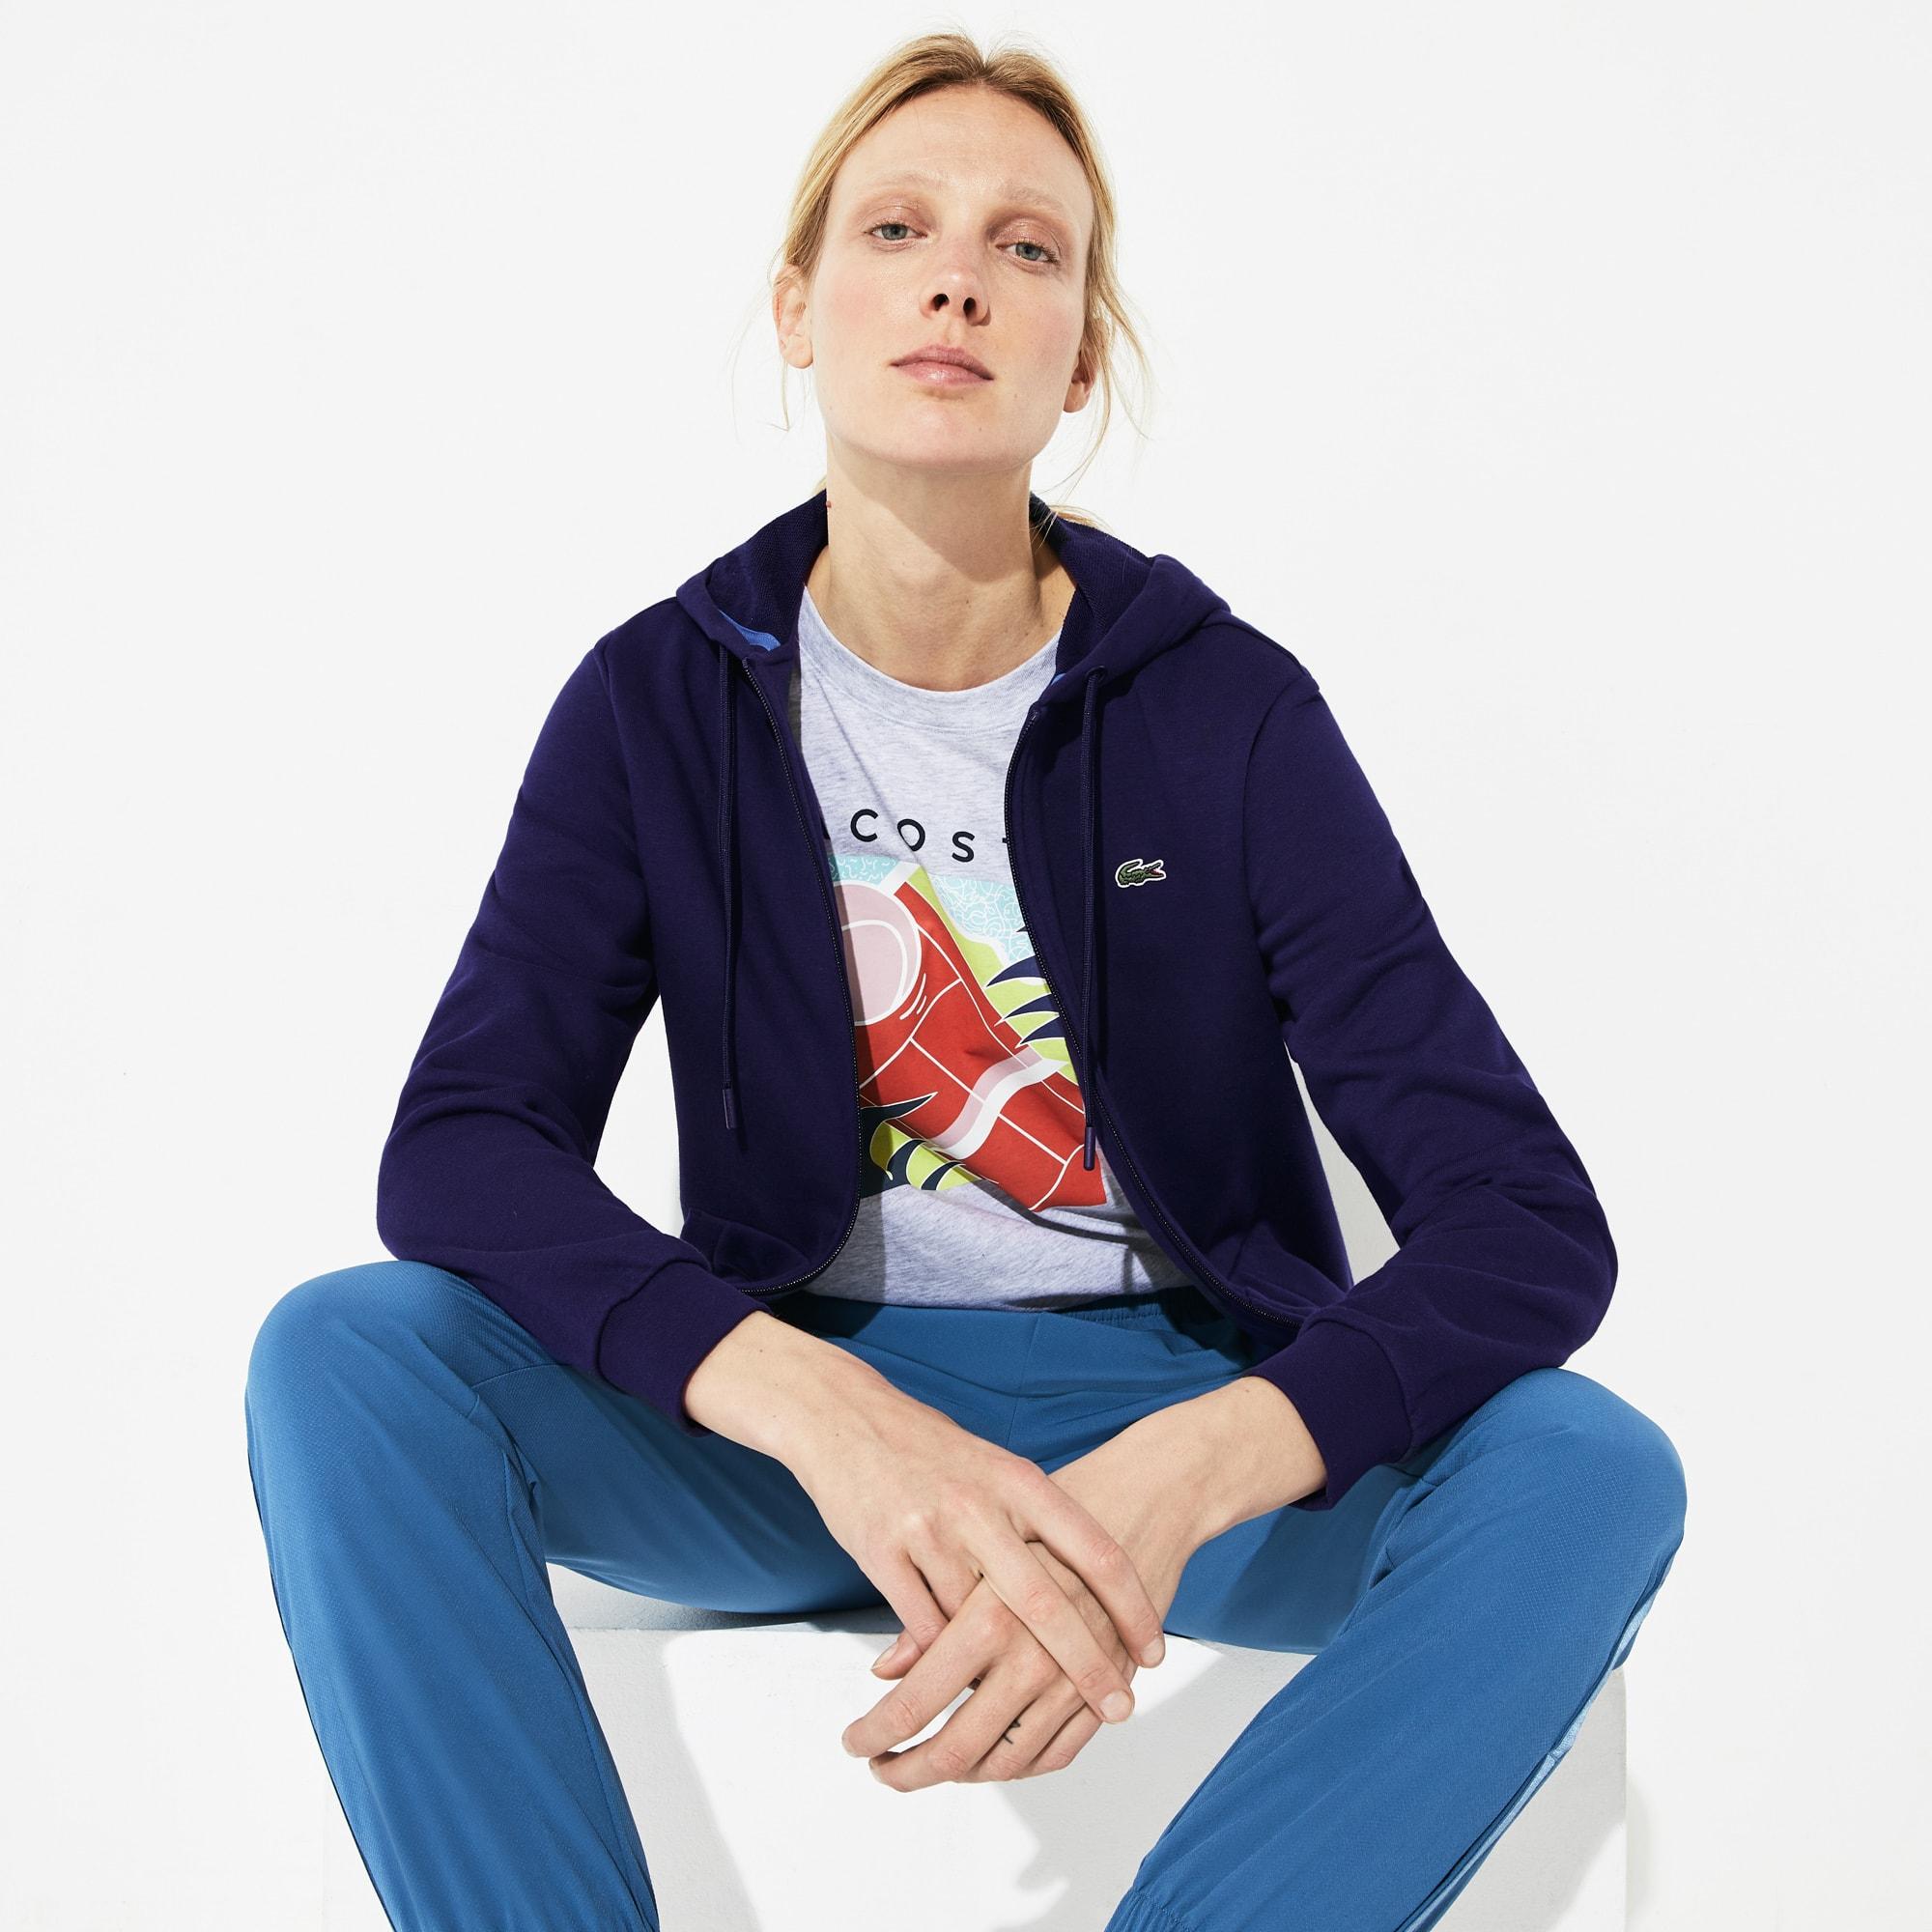 dc0508d5d2 Vêtements & Accessoires | Sport Femme | LACOSTE SPORT